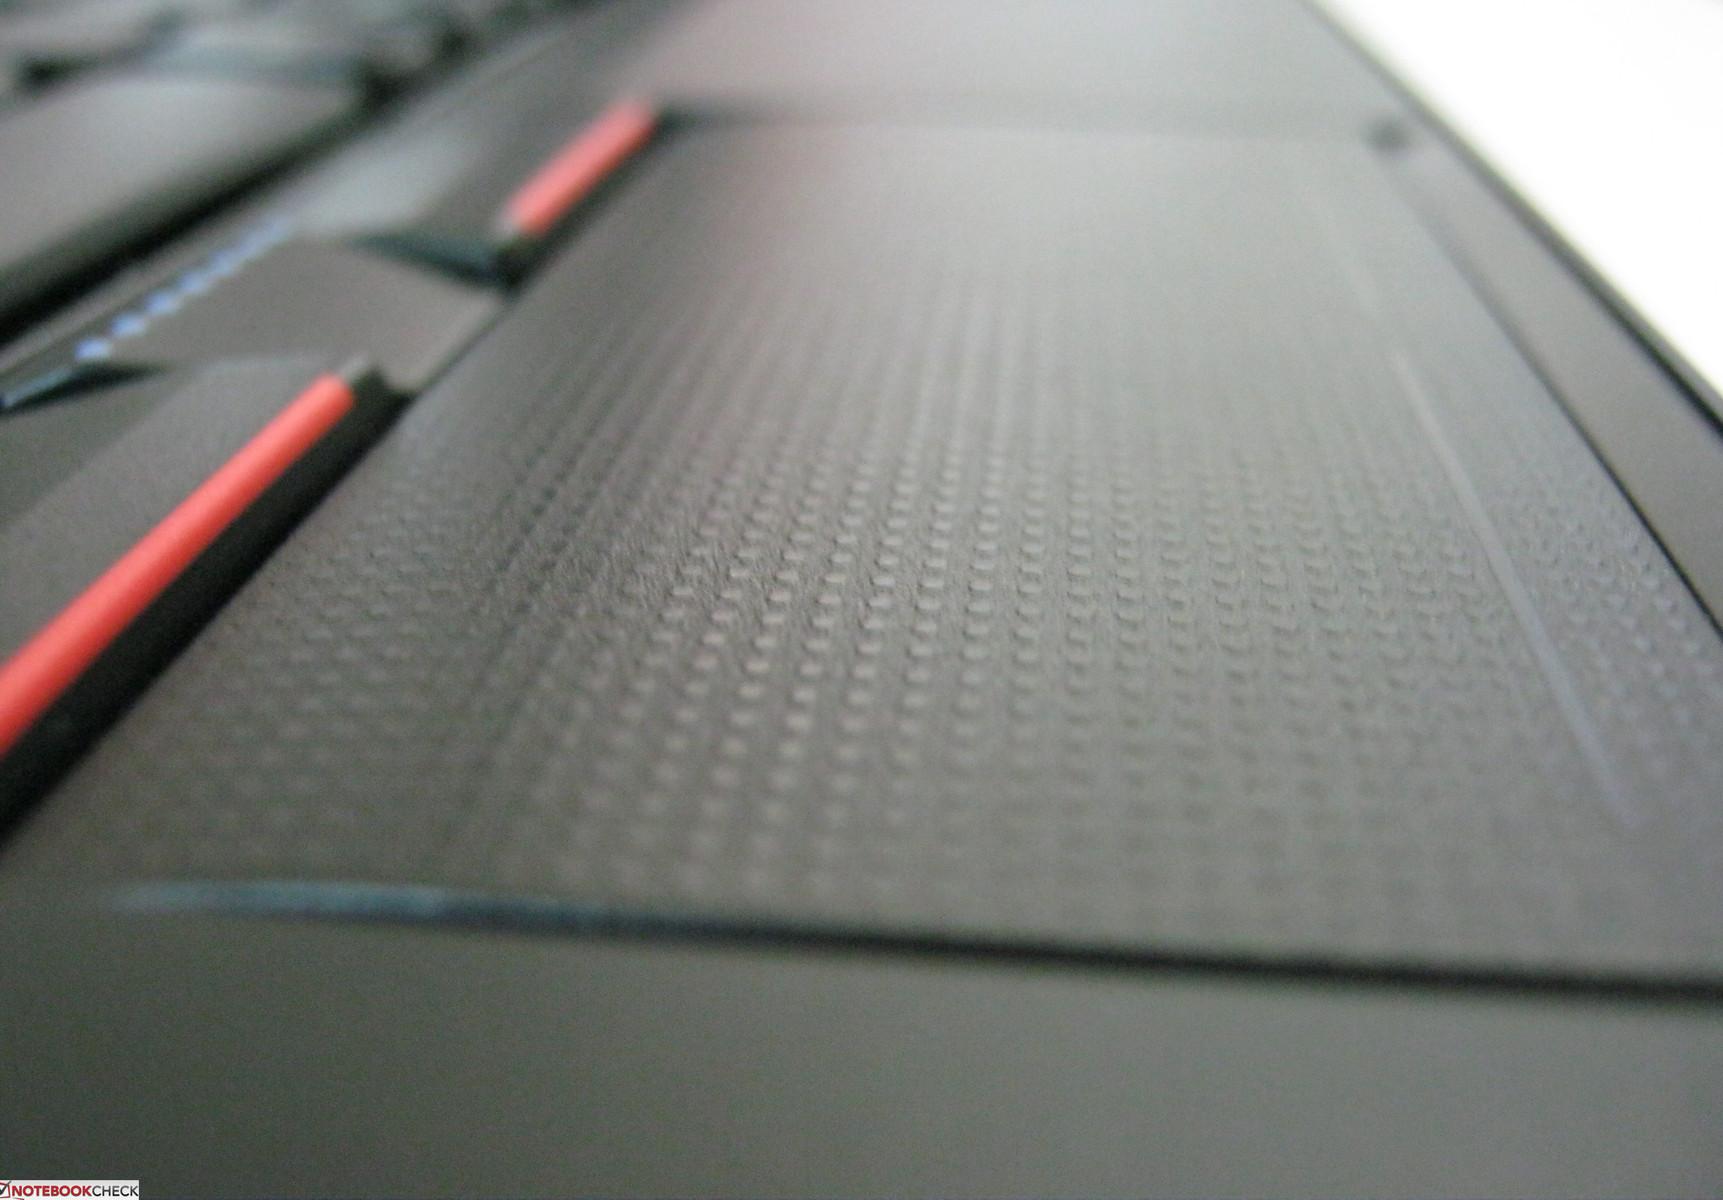 289e34dd296 Lenovo E125-303522U Laptop Review - NotebookCheck.net Reviews